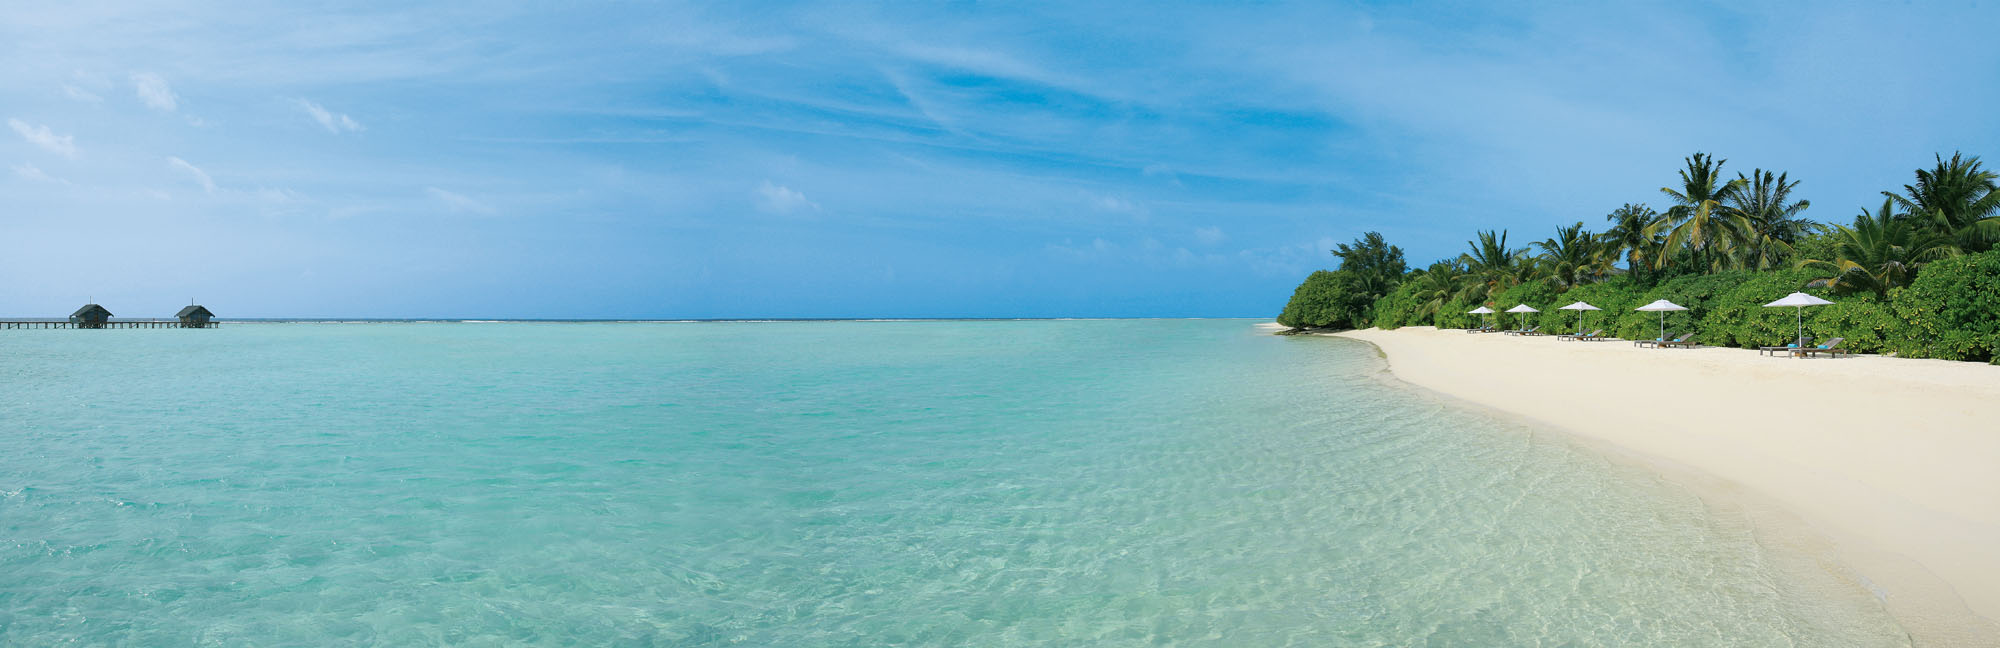 LUX-Maldives-03